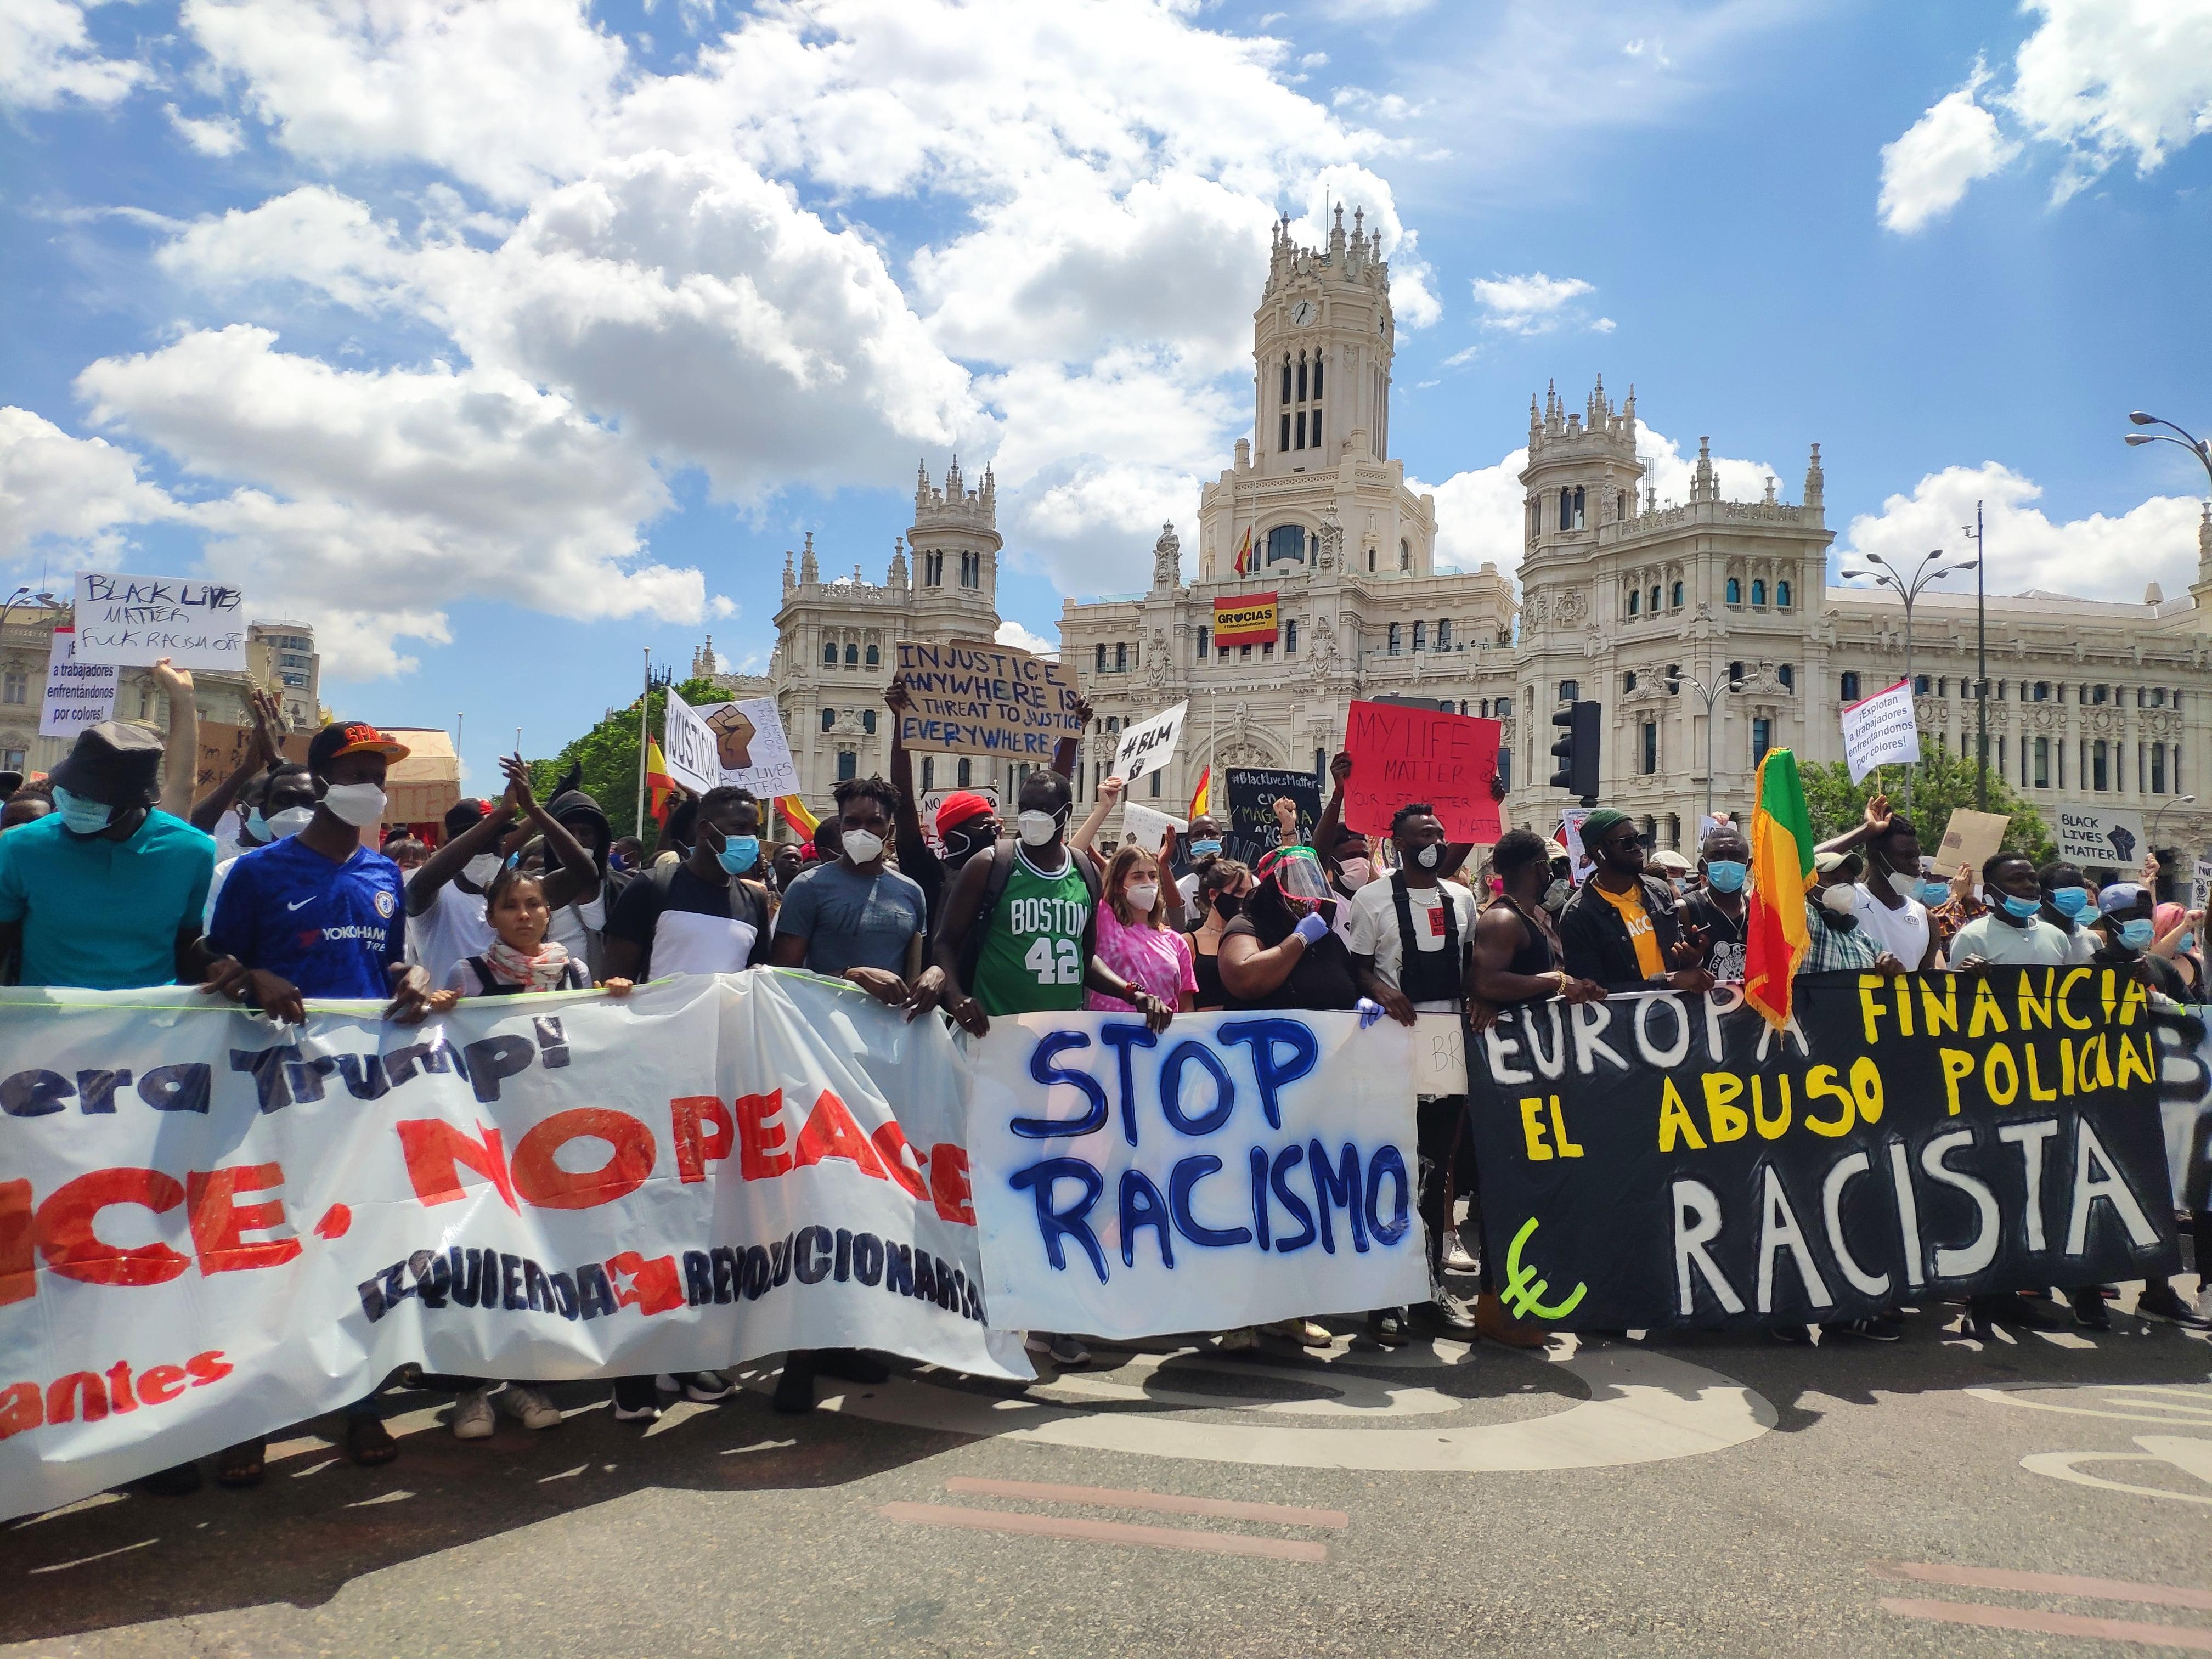 Protesta en Madrid contra el racismo